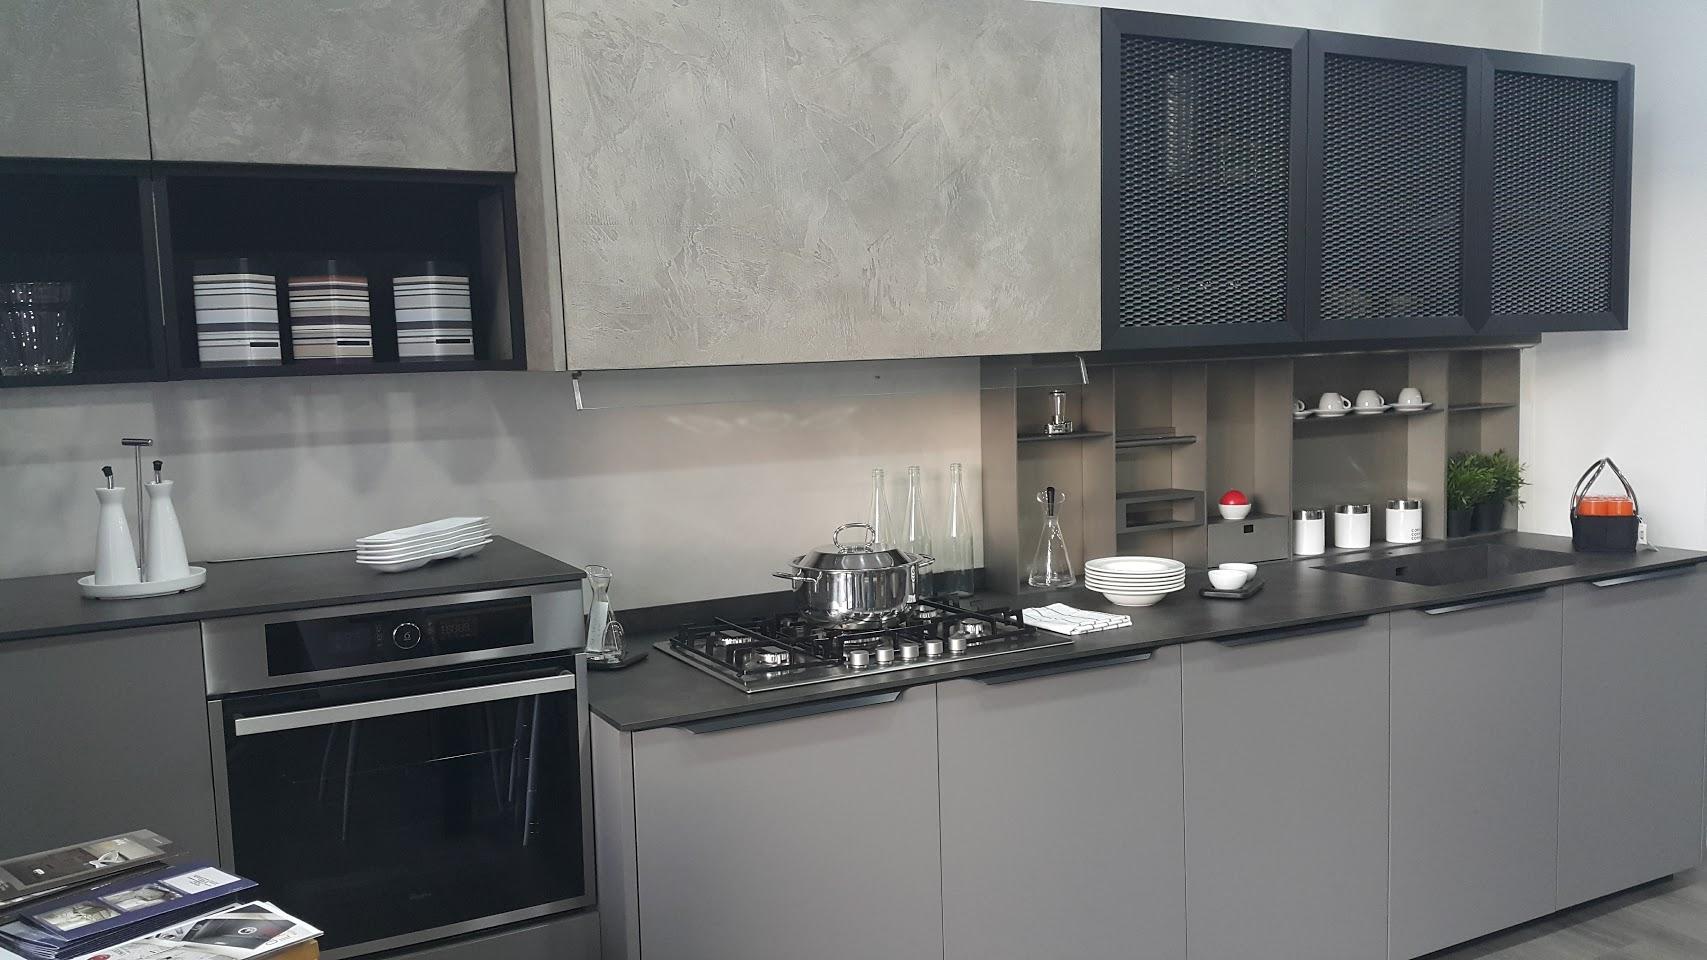 Cucina lube cucine oltre industriale cucine a prezzi - Cucine a colori ...